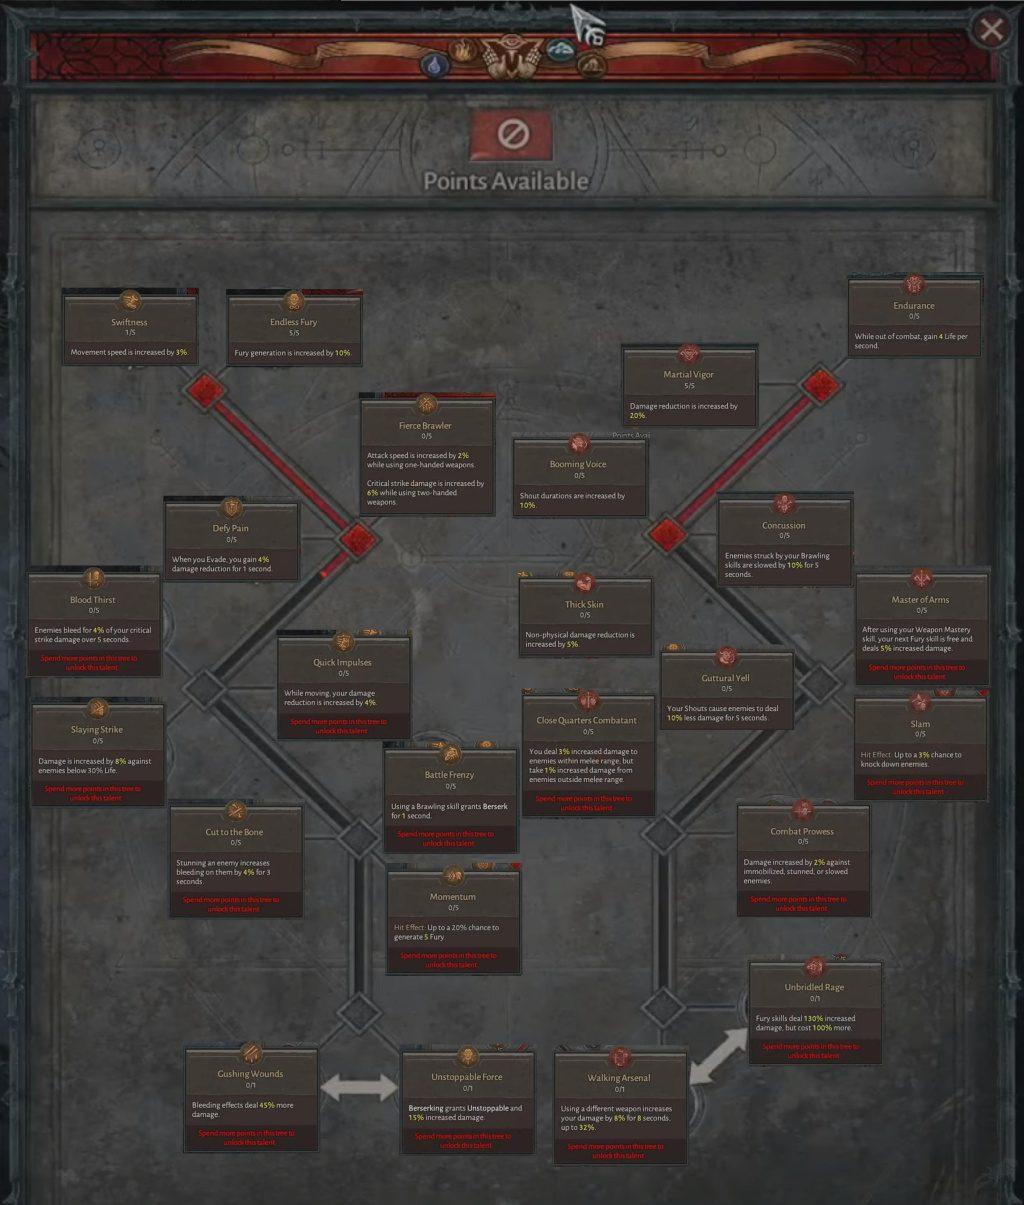 Разработчики Blizzard Diablo IV рассказали о серьезных изменениях в игре